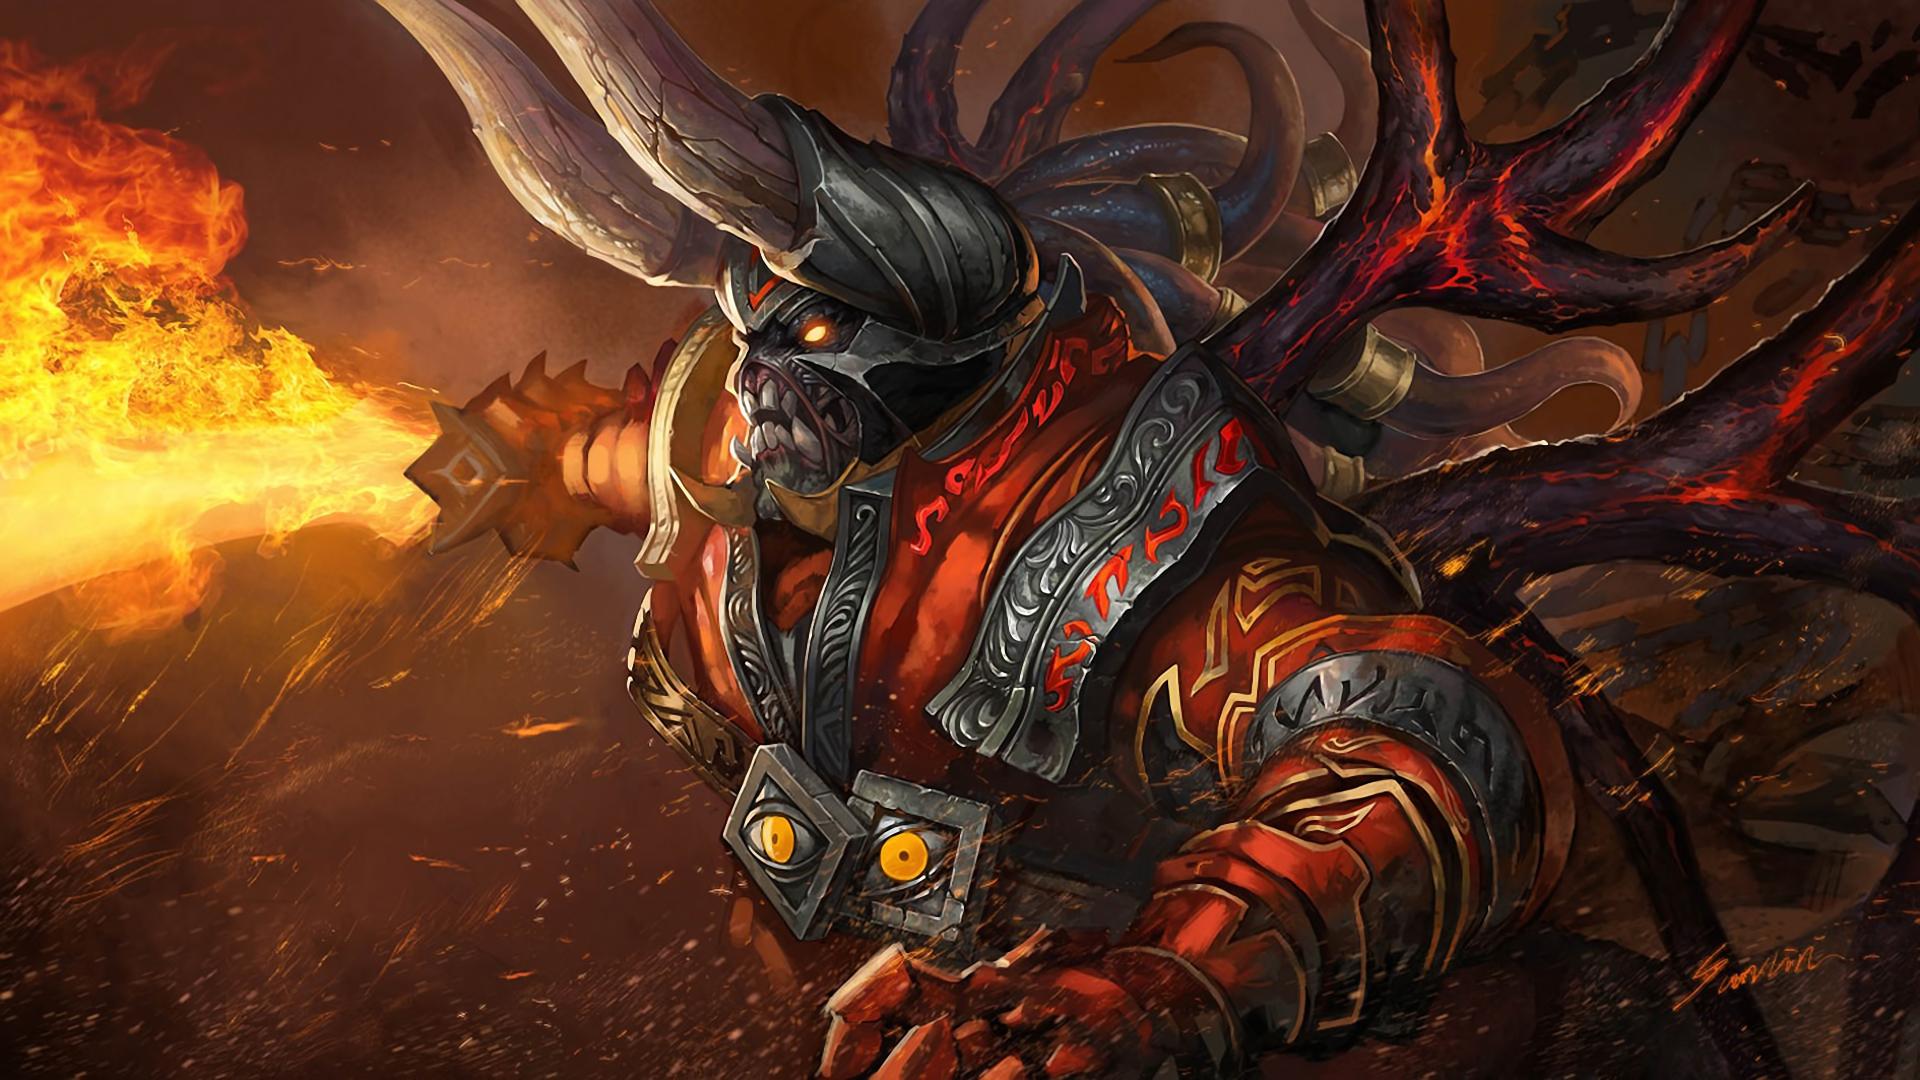 デスクトップ壁紙 ドラゴン Dota 古代人の防衛 漫画 神話